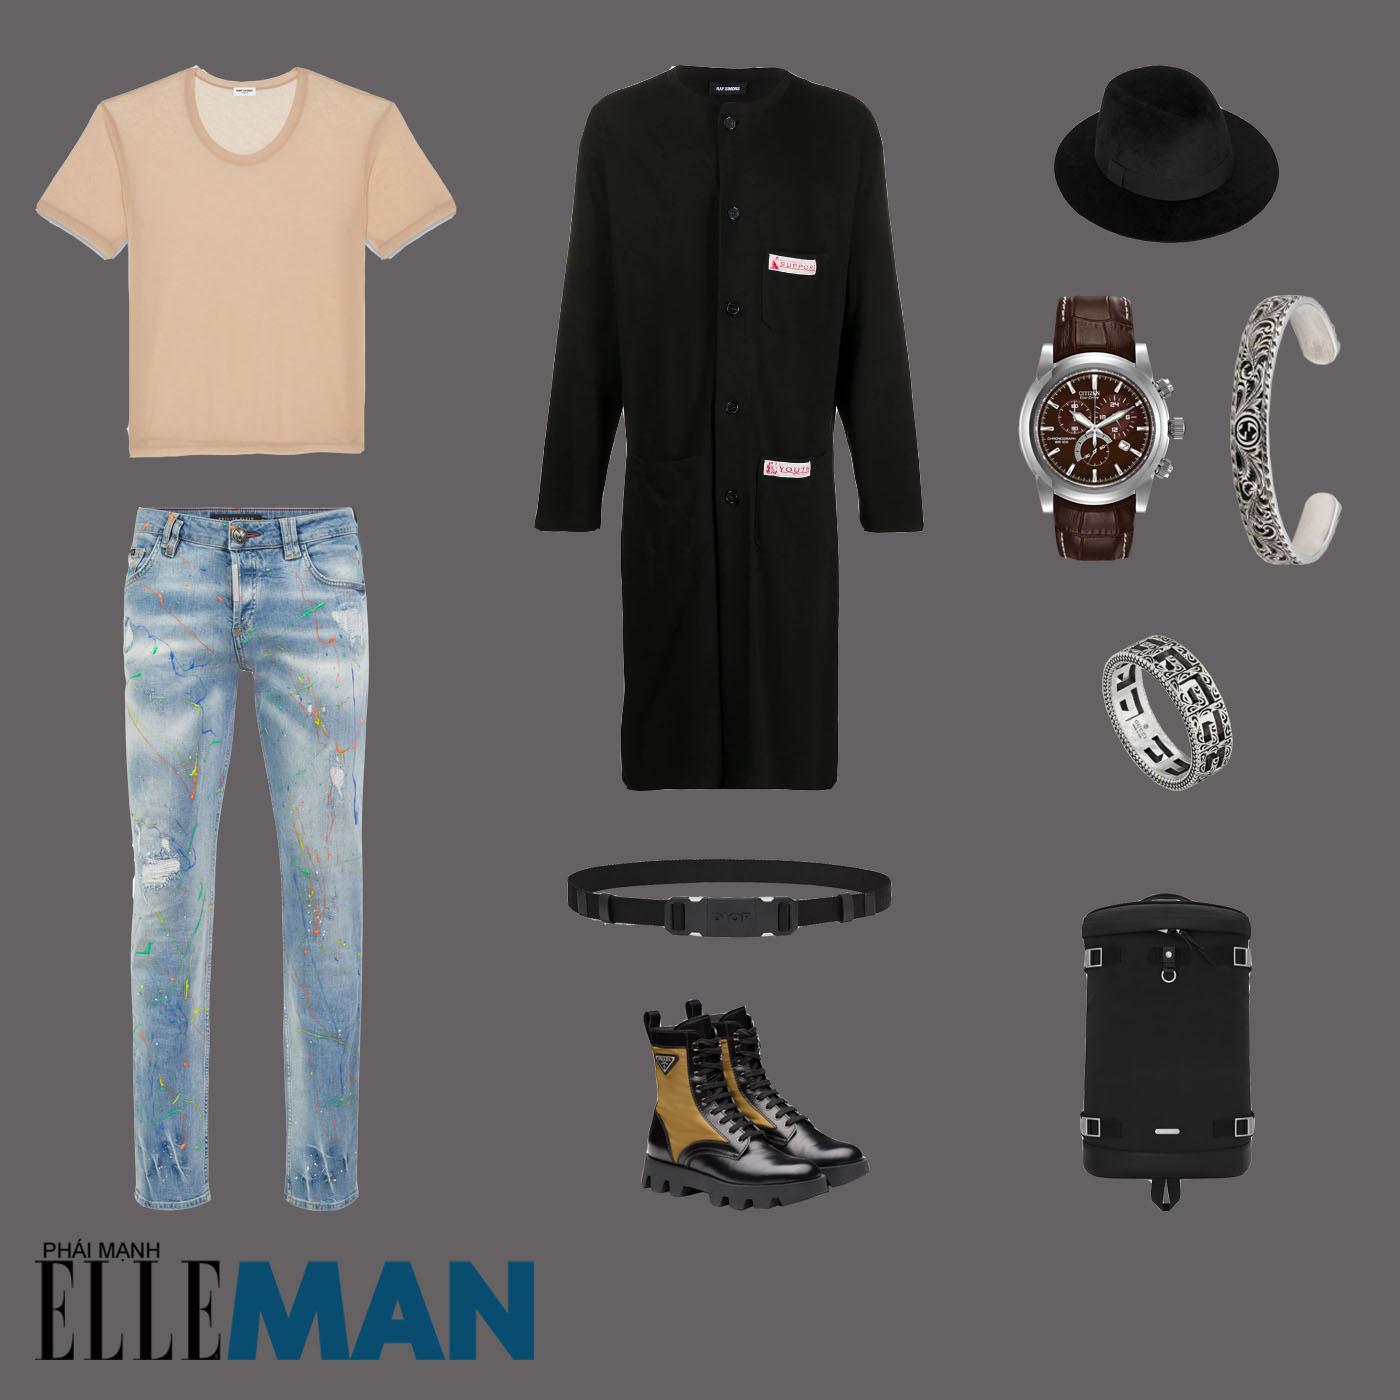 outfit 4 - phối đồ phong cách boho-chic